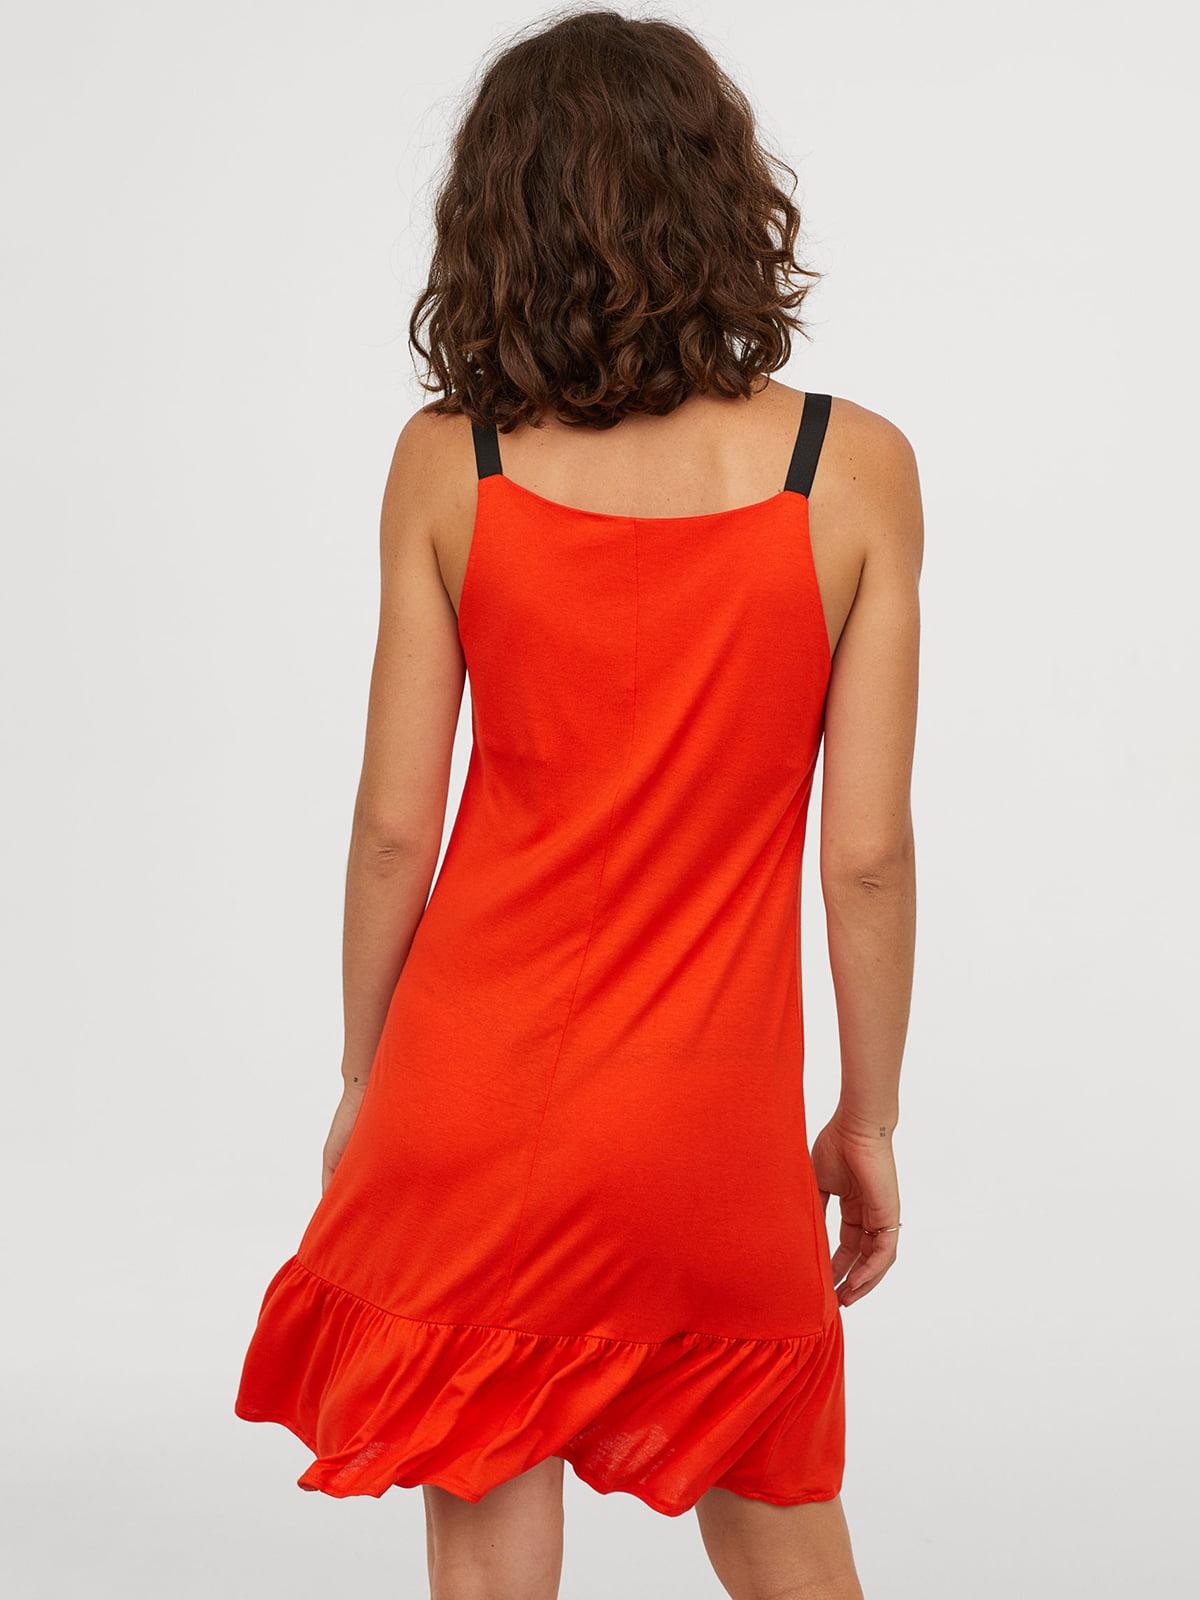 Сукня червона | 5046619 | фото 3